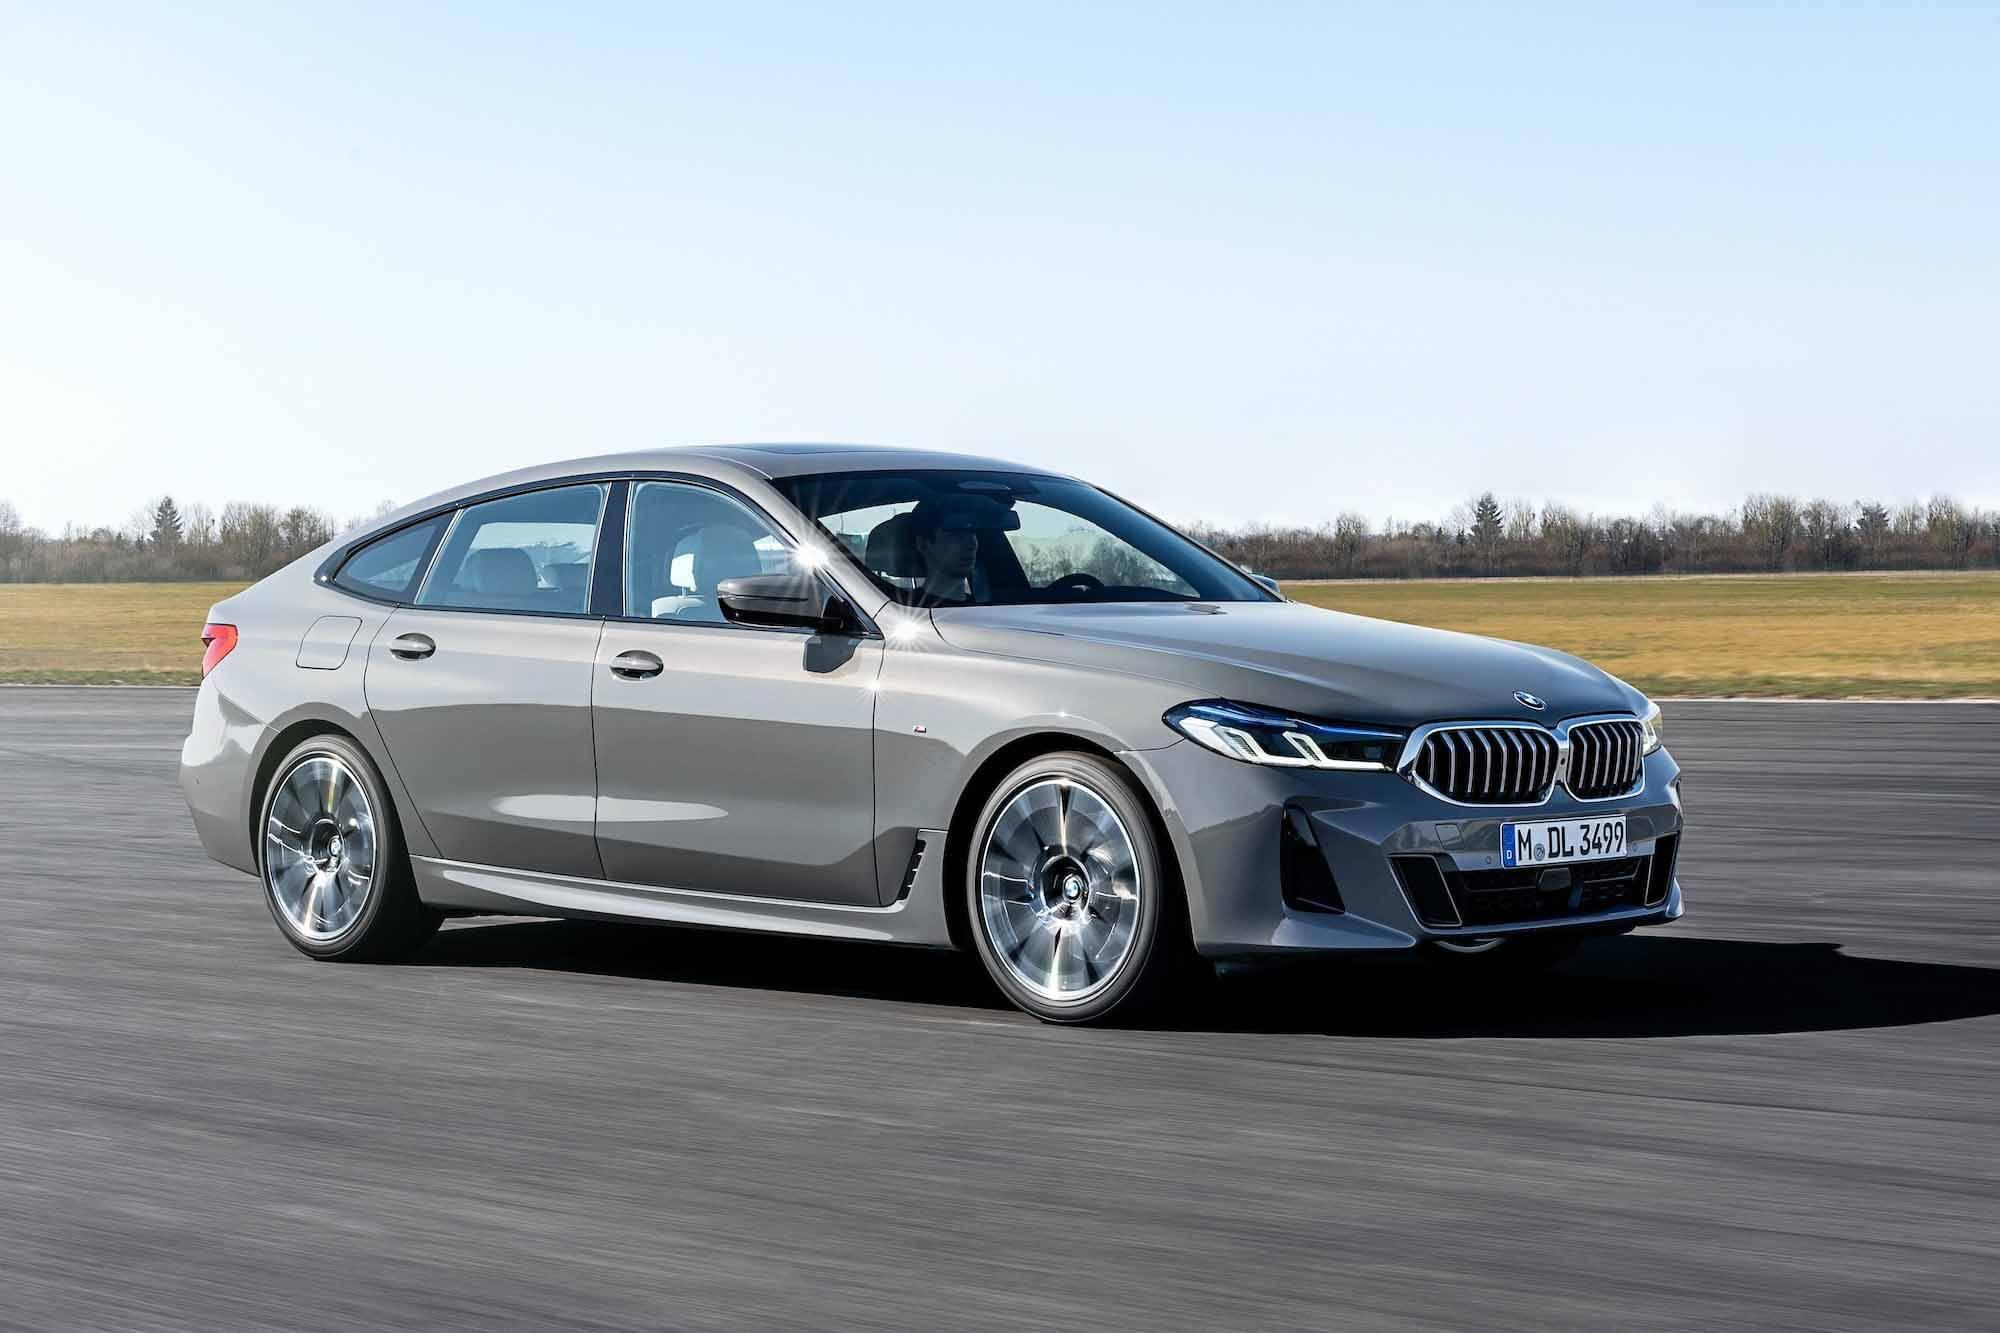 Обновленный BMW 6 серии GT: купе-лифт не подключился к розетке